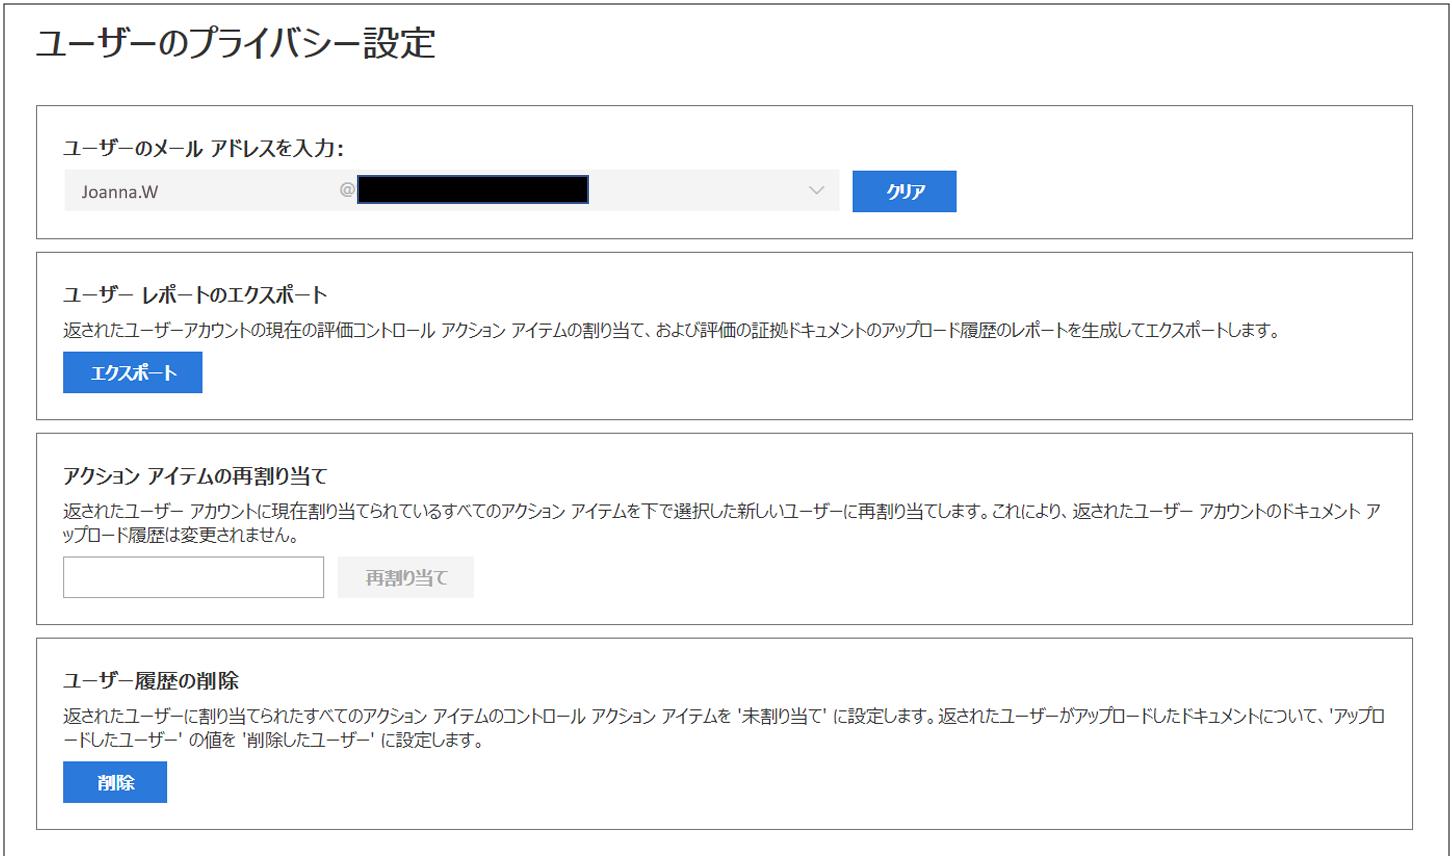 コンプライアンス マネージャーの管理者 - ユーザー プライバシーの設定機能